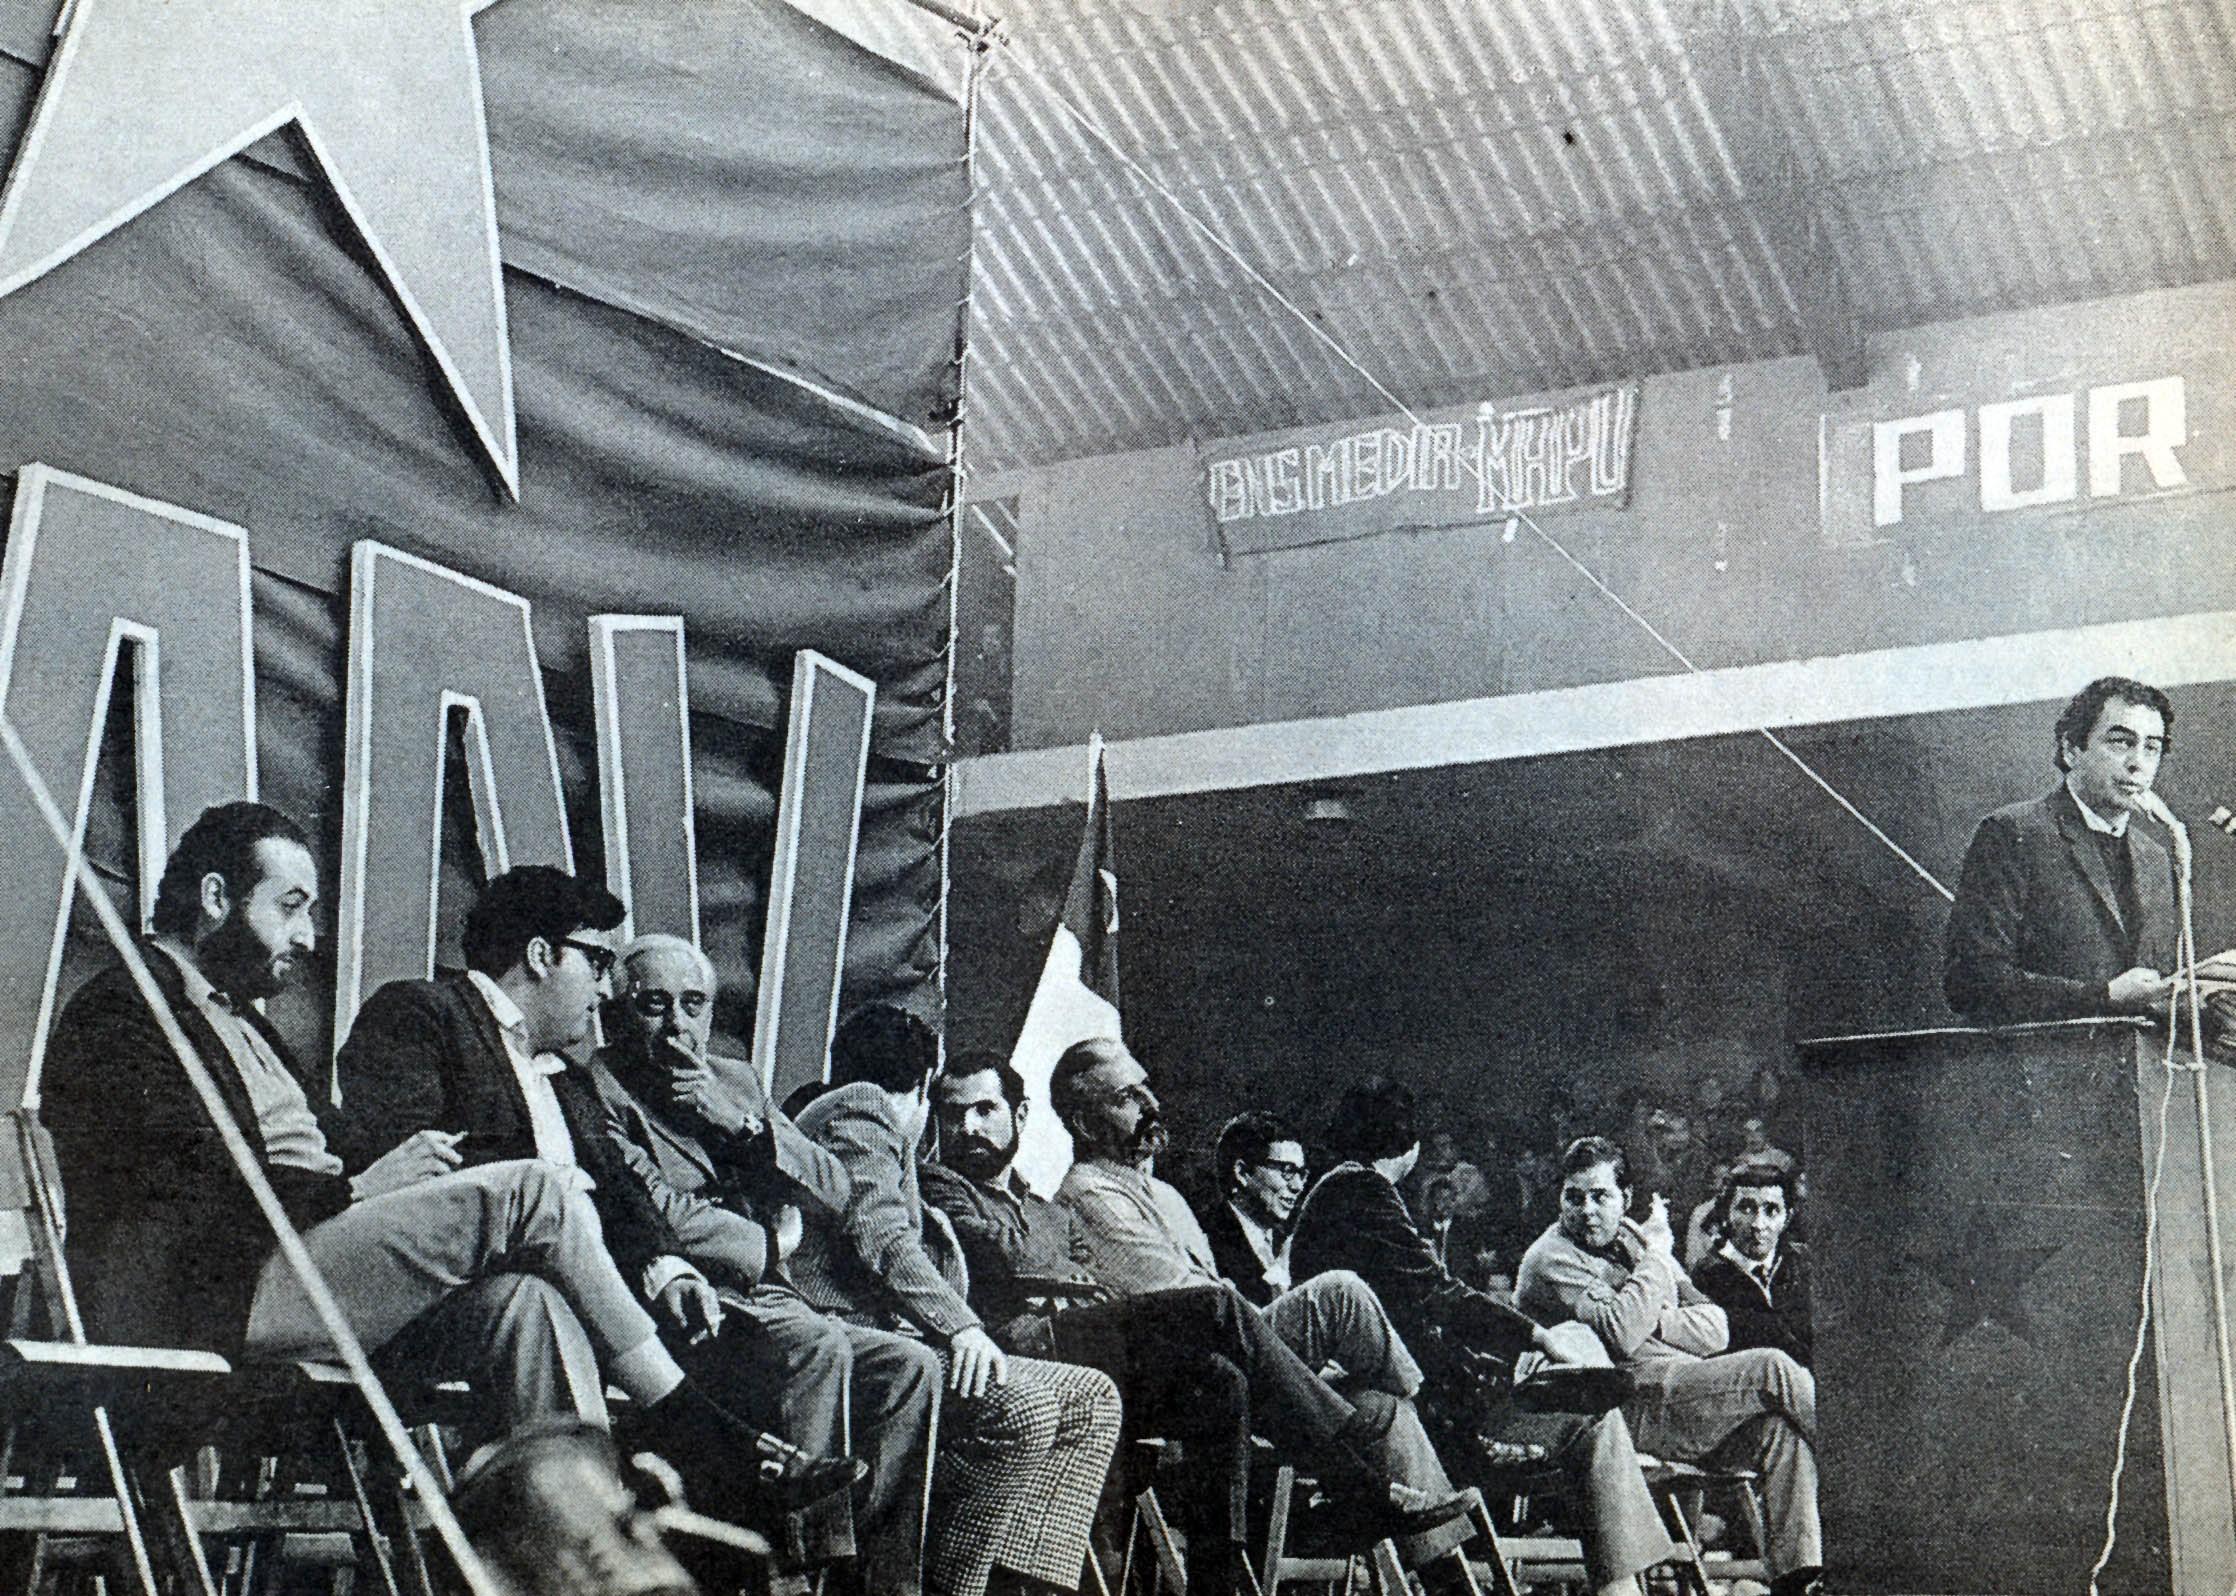 Otro acto del MAPU. Habla Eduardo Rojas. Atrás, sentados, Óscar Guillermo Garretón, Enrique Correa, Rafael Agustín Gumucio, Javier Luis Egaña y Vicente Sota, entre otros.